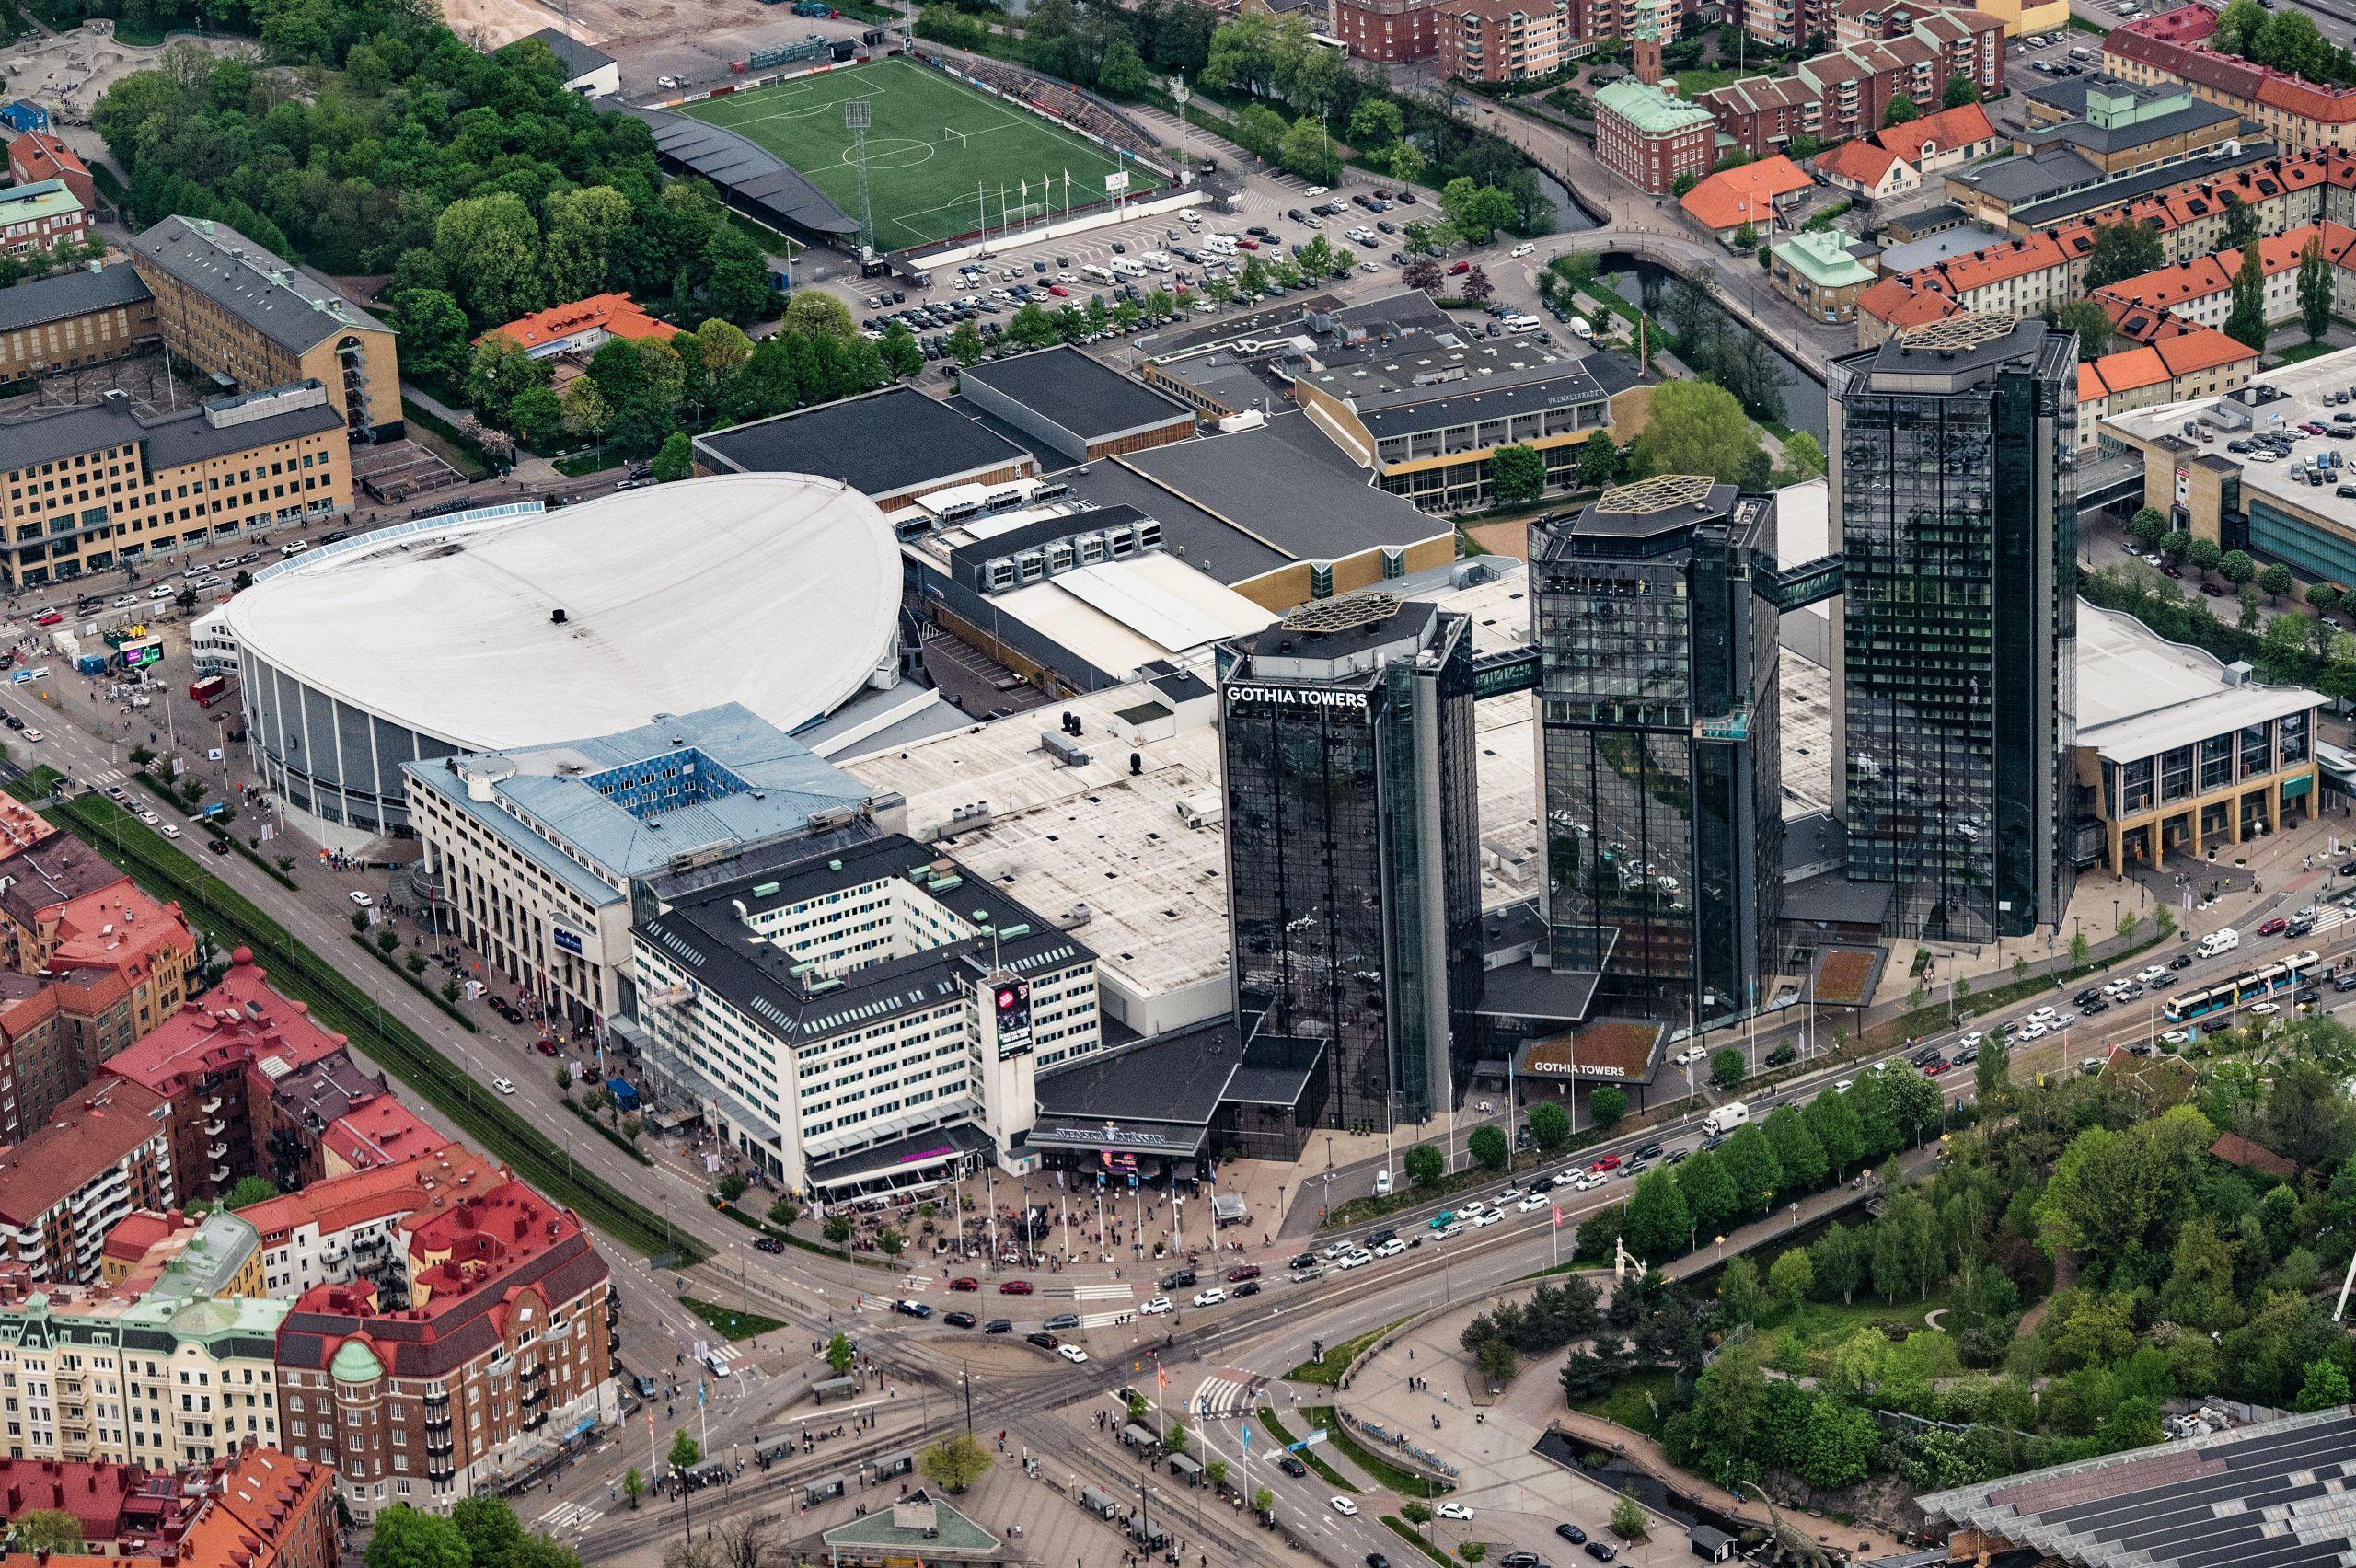 618b273e8cc Göteborg är den näst smartaste staden i världen   Göteborgs-Posten